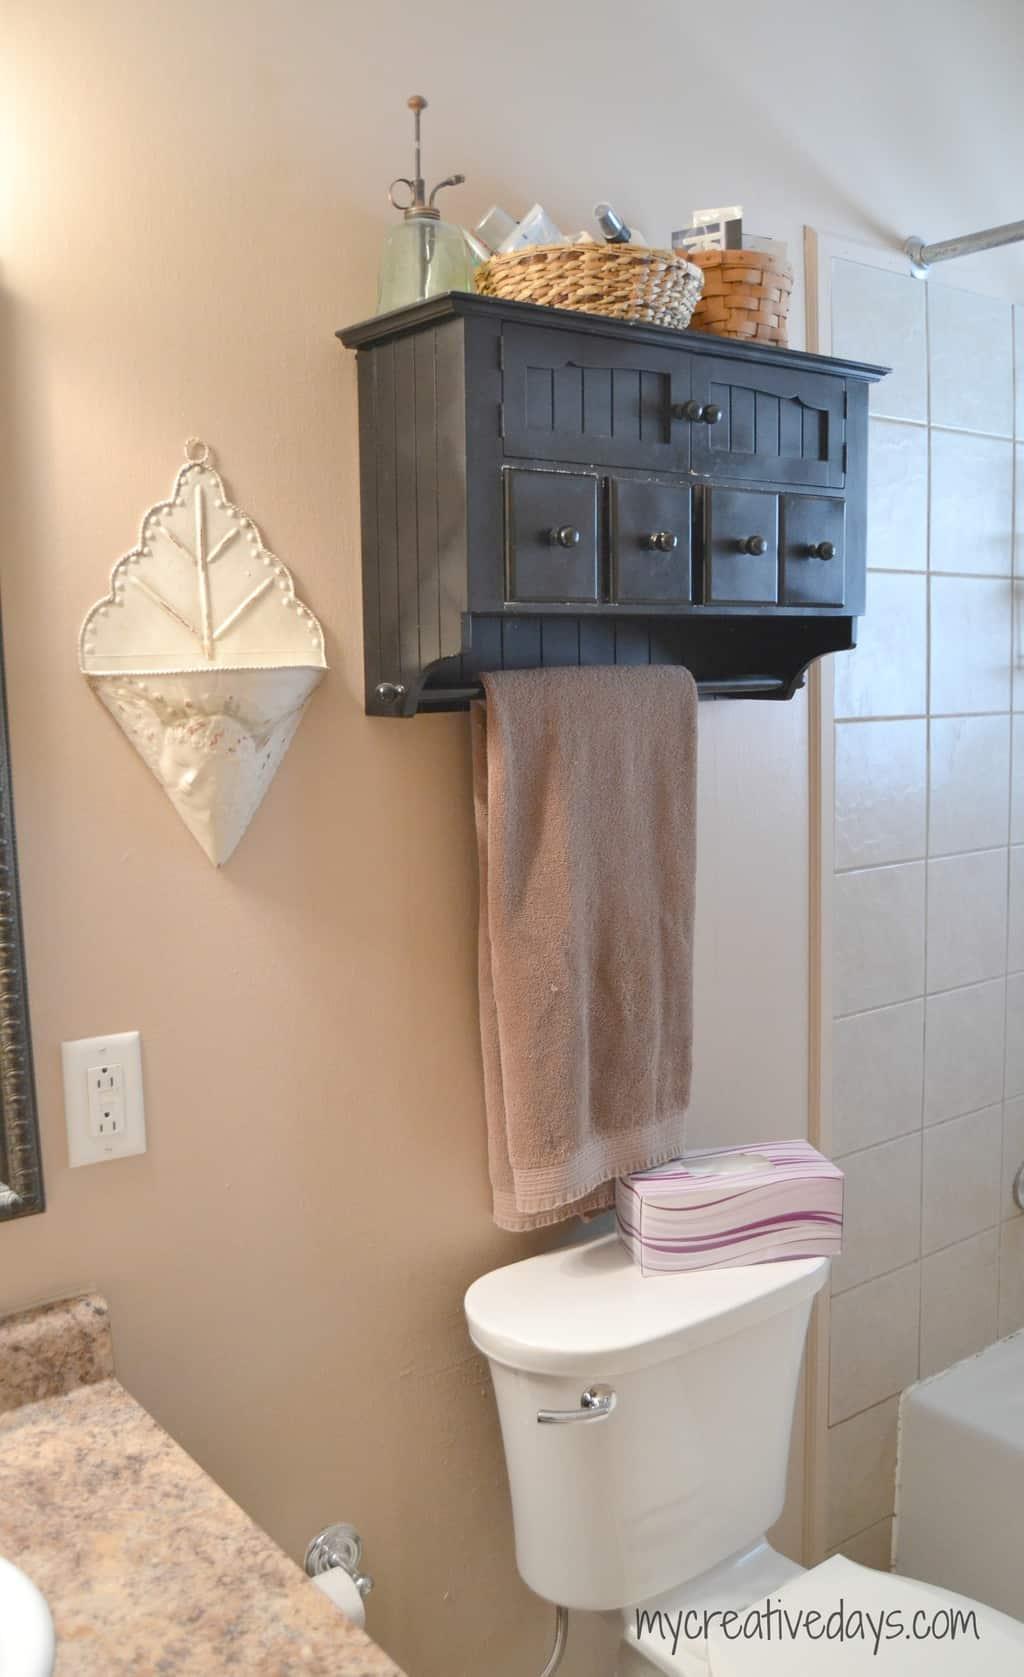 Bathroom Mirrors Under $50 bathroom makeover under $50 - my creative days